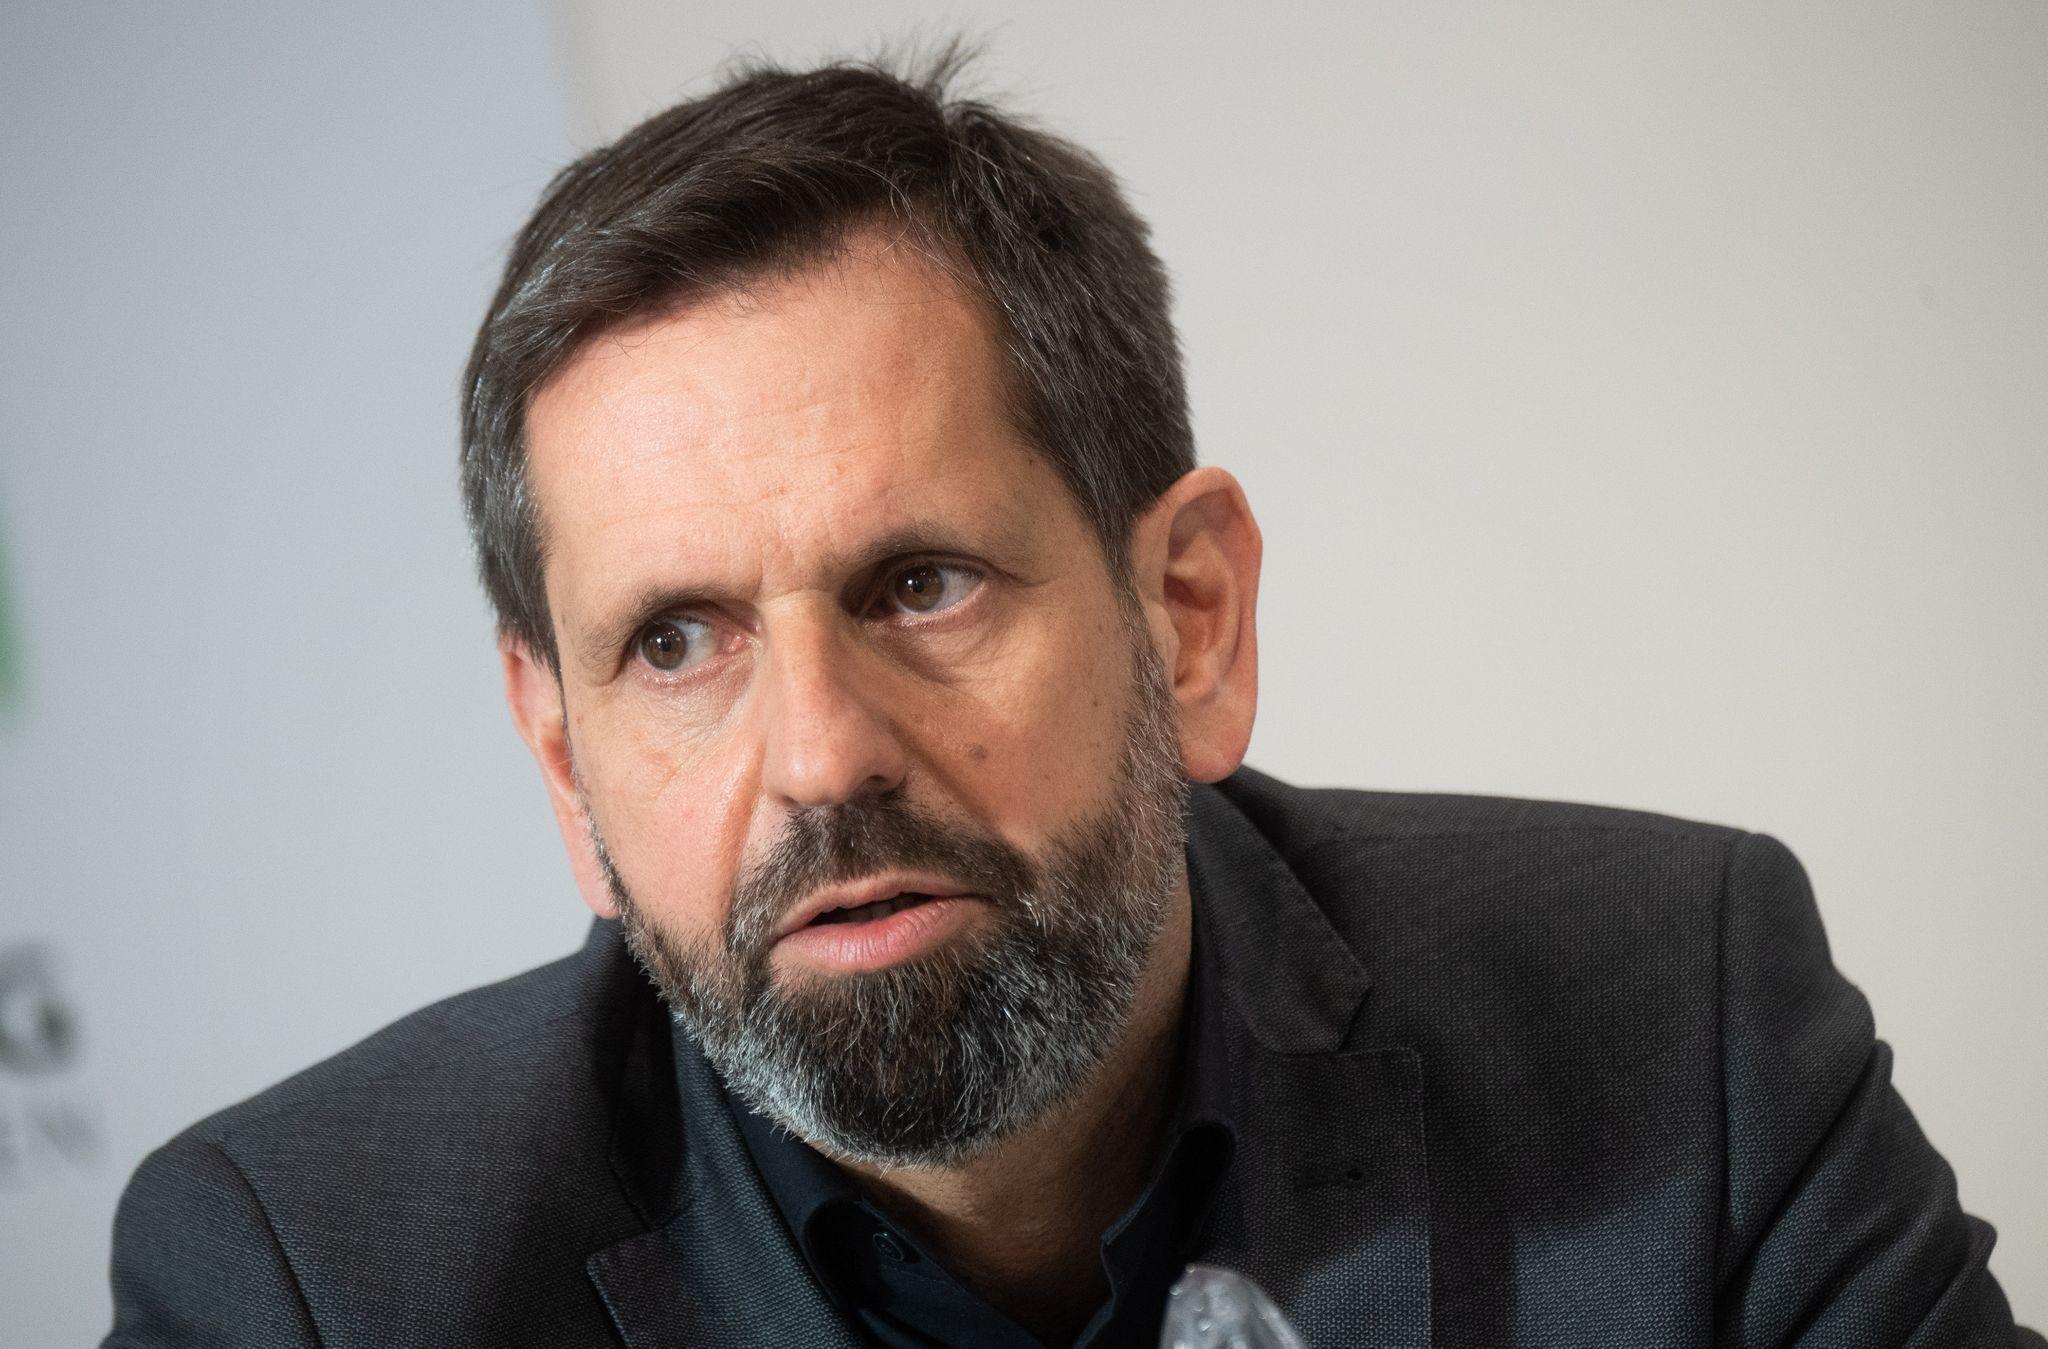 Steht wegen seiner Wolfspolitik in der Kritik: Niedersachsens Umweltminister Olaf Lies (SPD). Foto: dpa/Stratenschulte